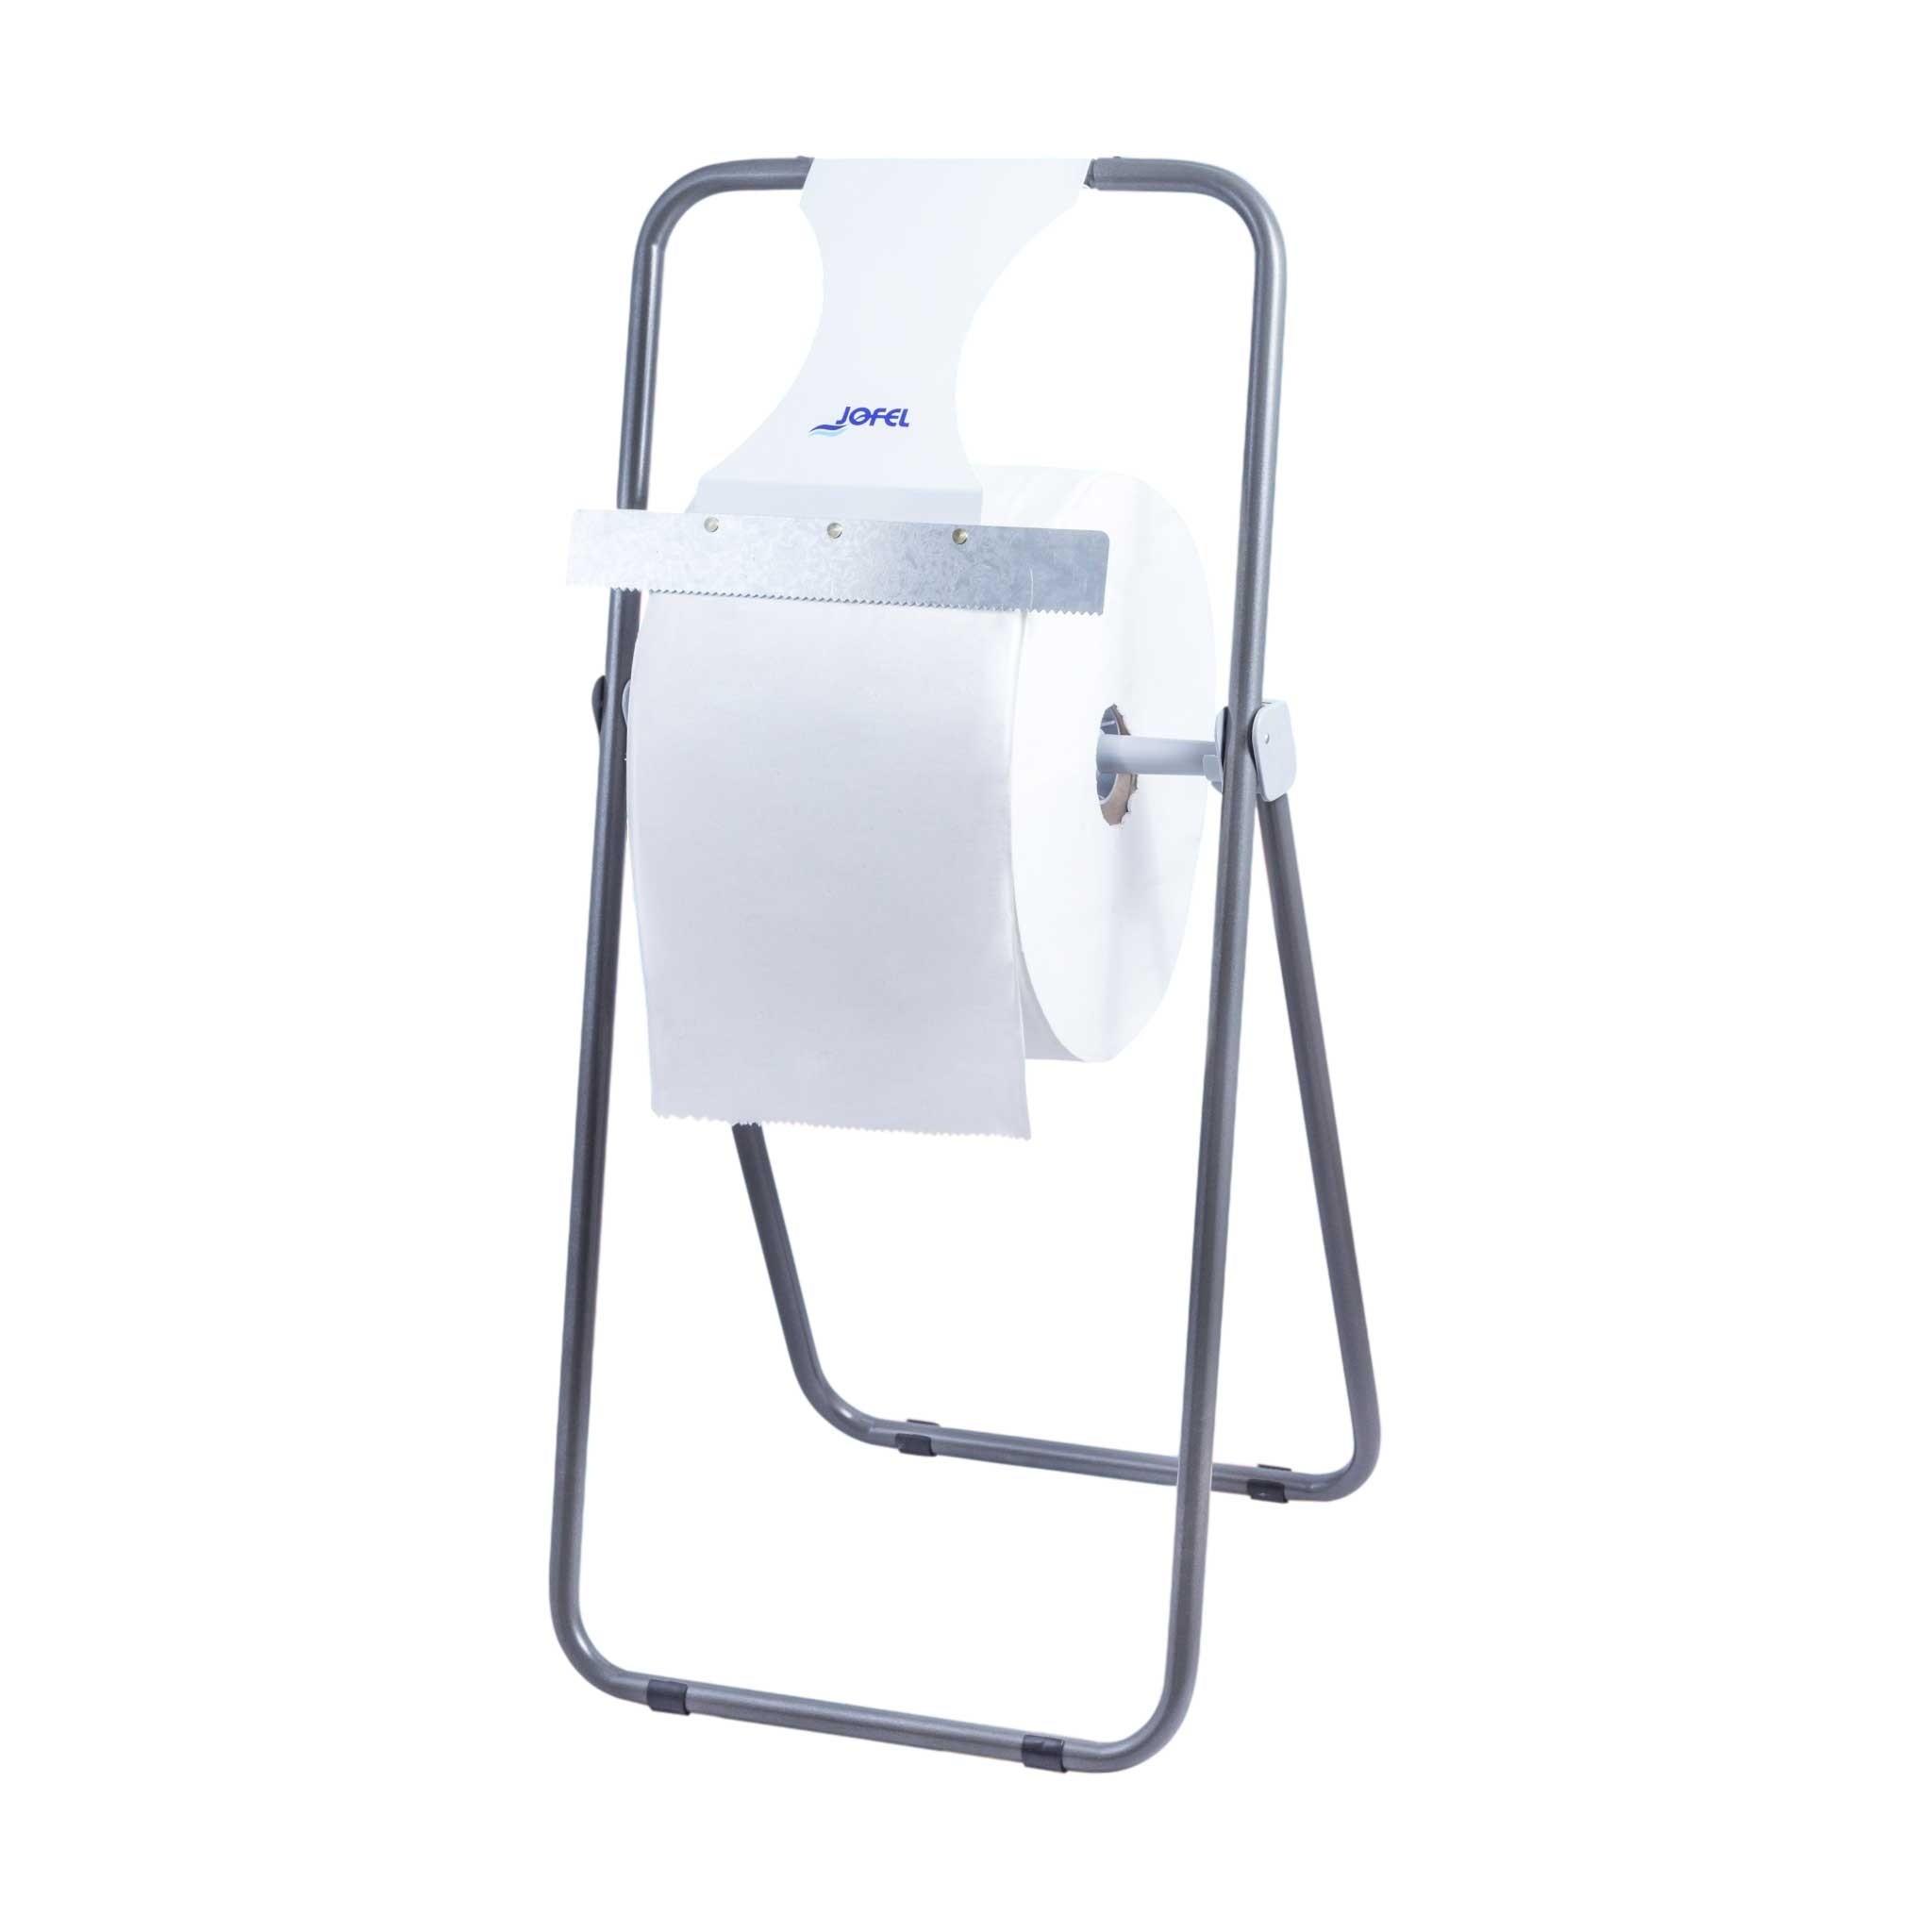 Βάση δαπέδου για βιομηχανικά ρολά χαρτιού Jofel AD30000